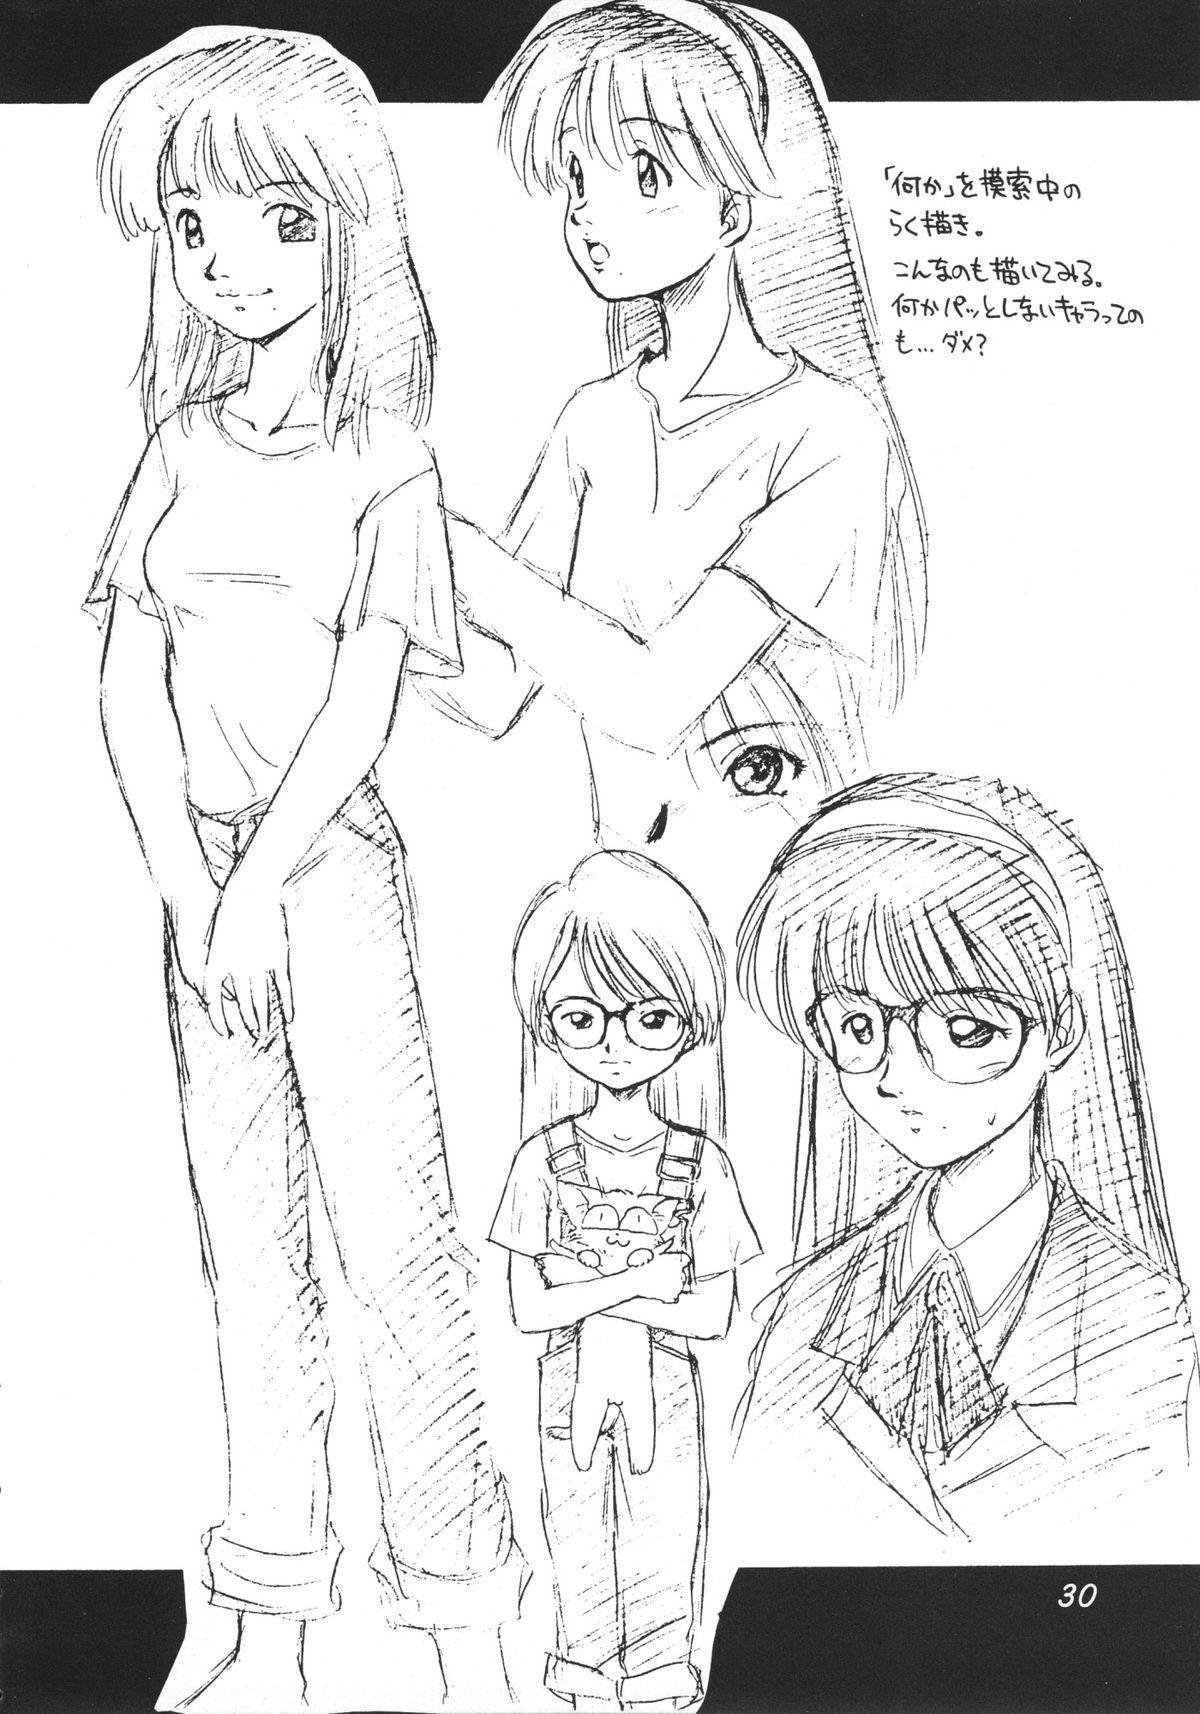 Uwasa no Neko Shuukai 28